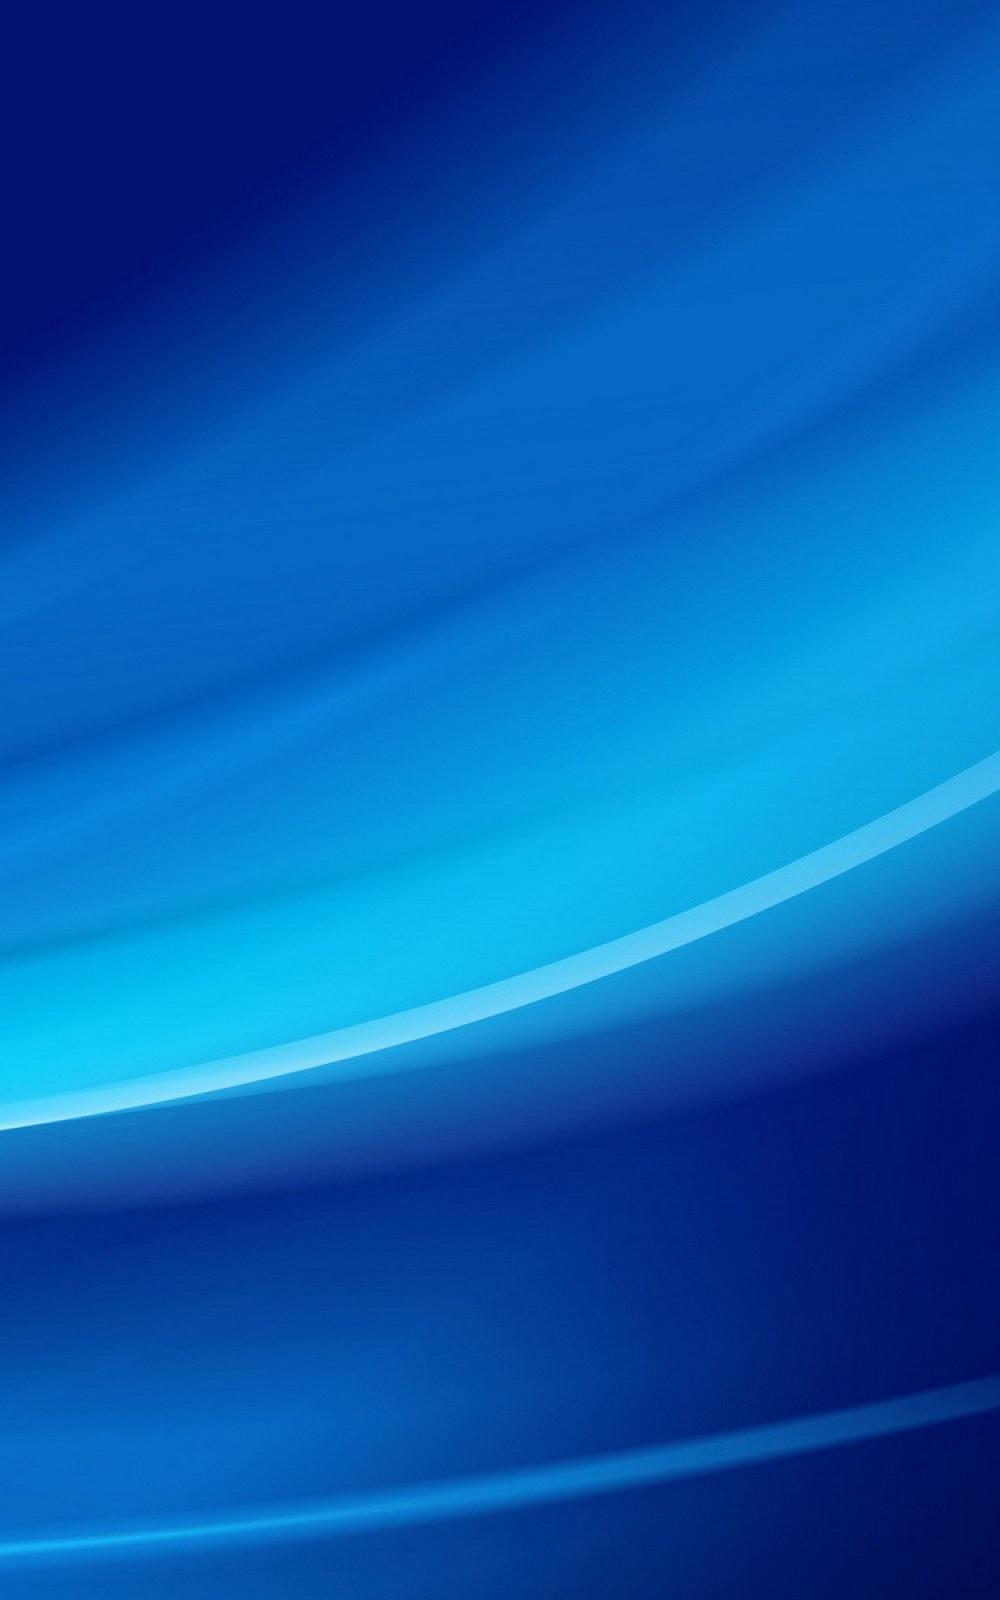 Background Biru Muda Abstrak